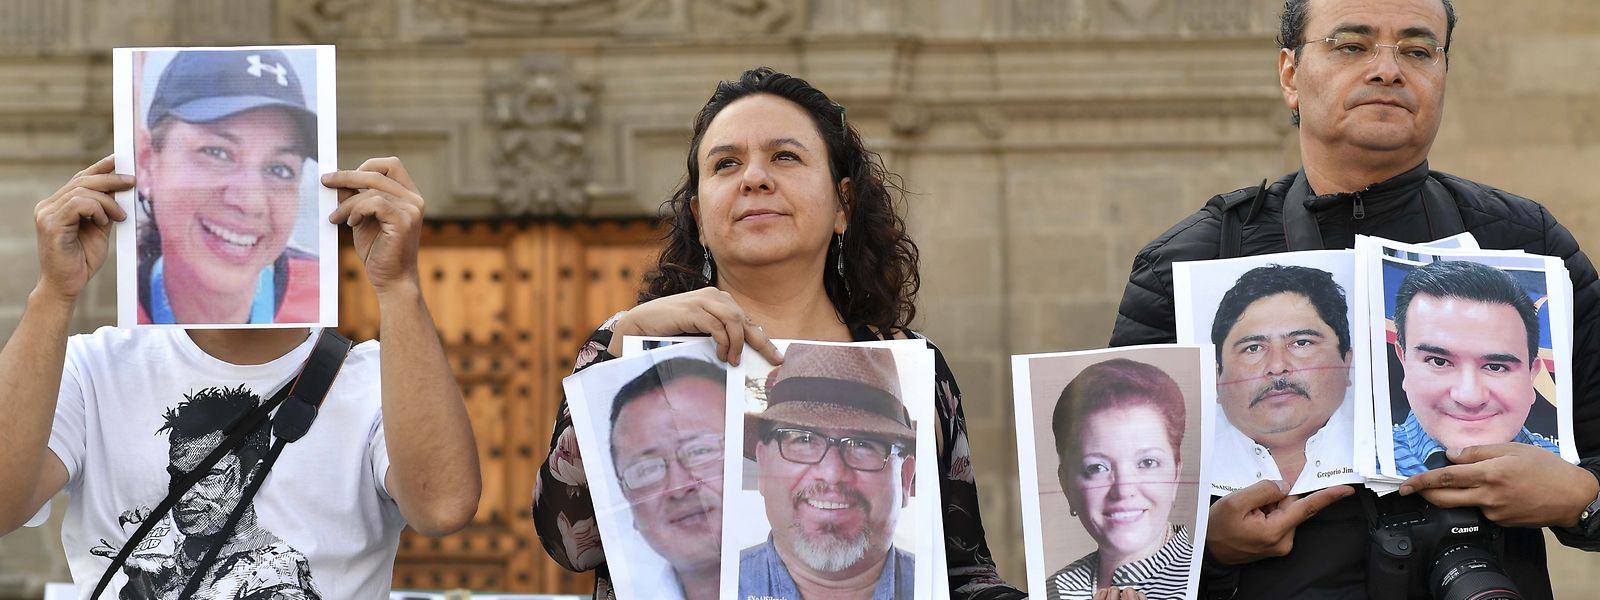 Medienvertreter halten Bilder von Kollegen hoch, die entweder verschwunden sind oder ermordet wurden.